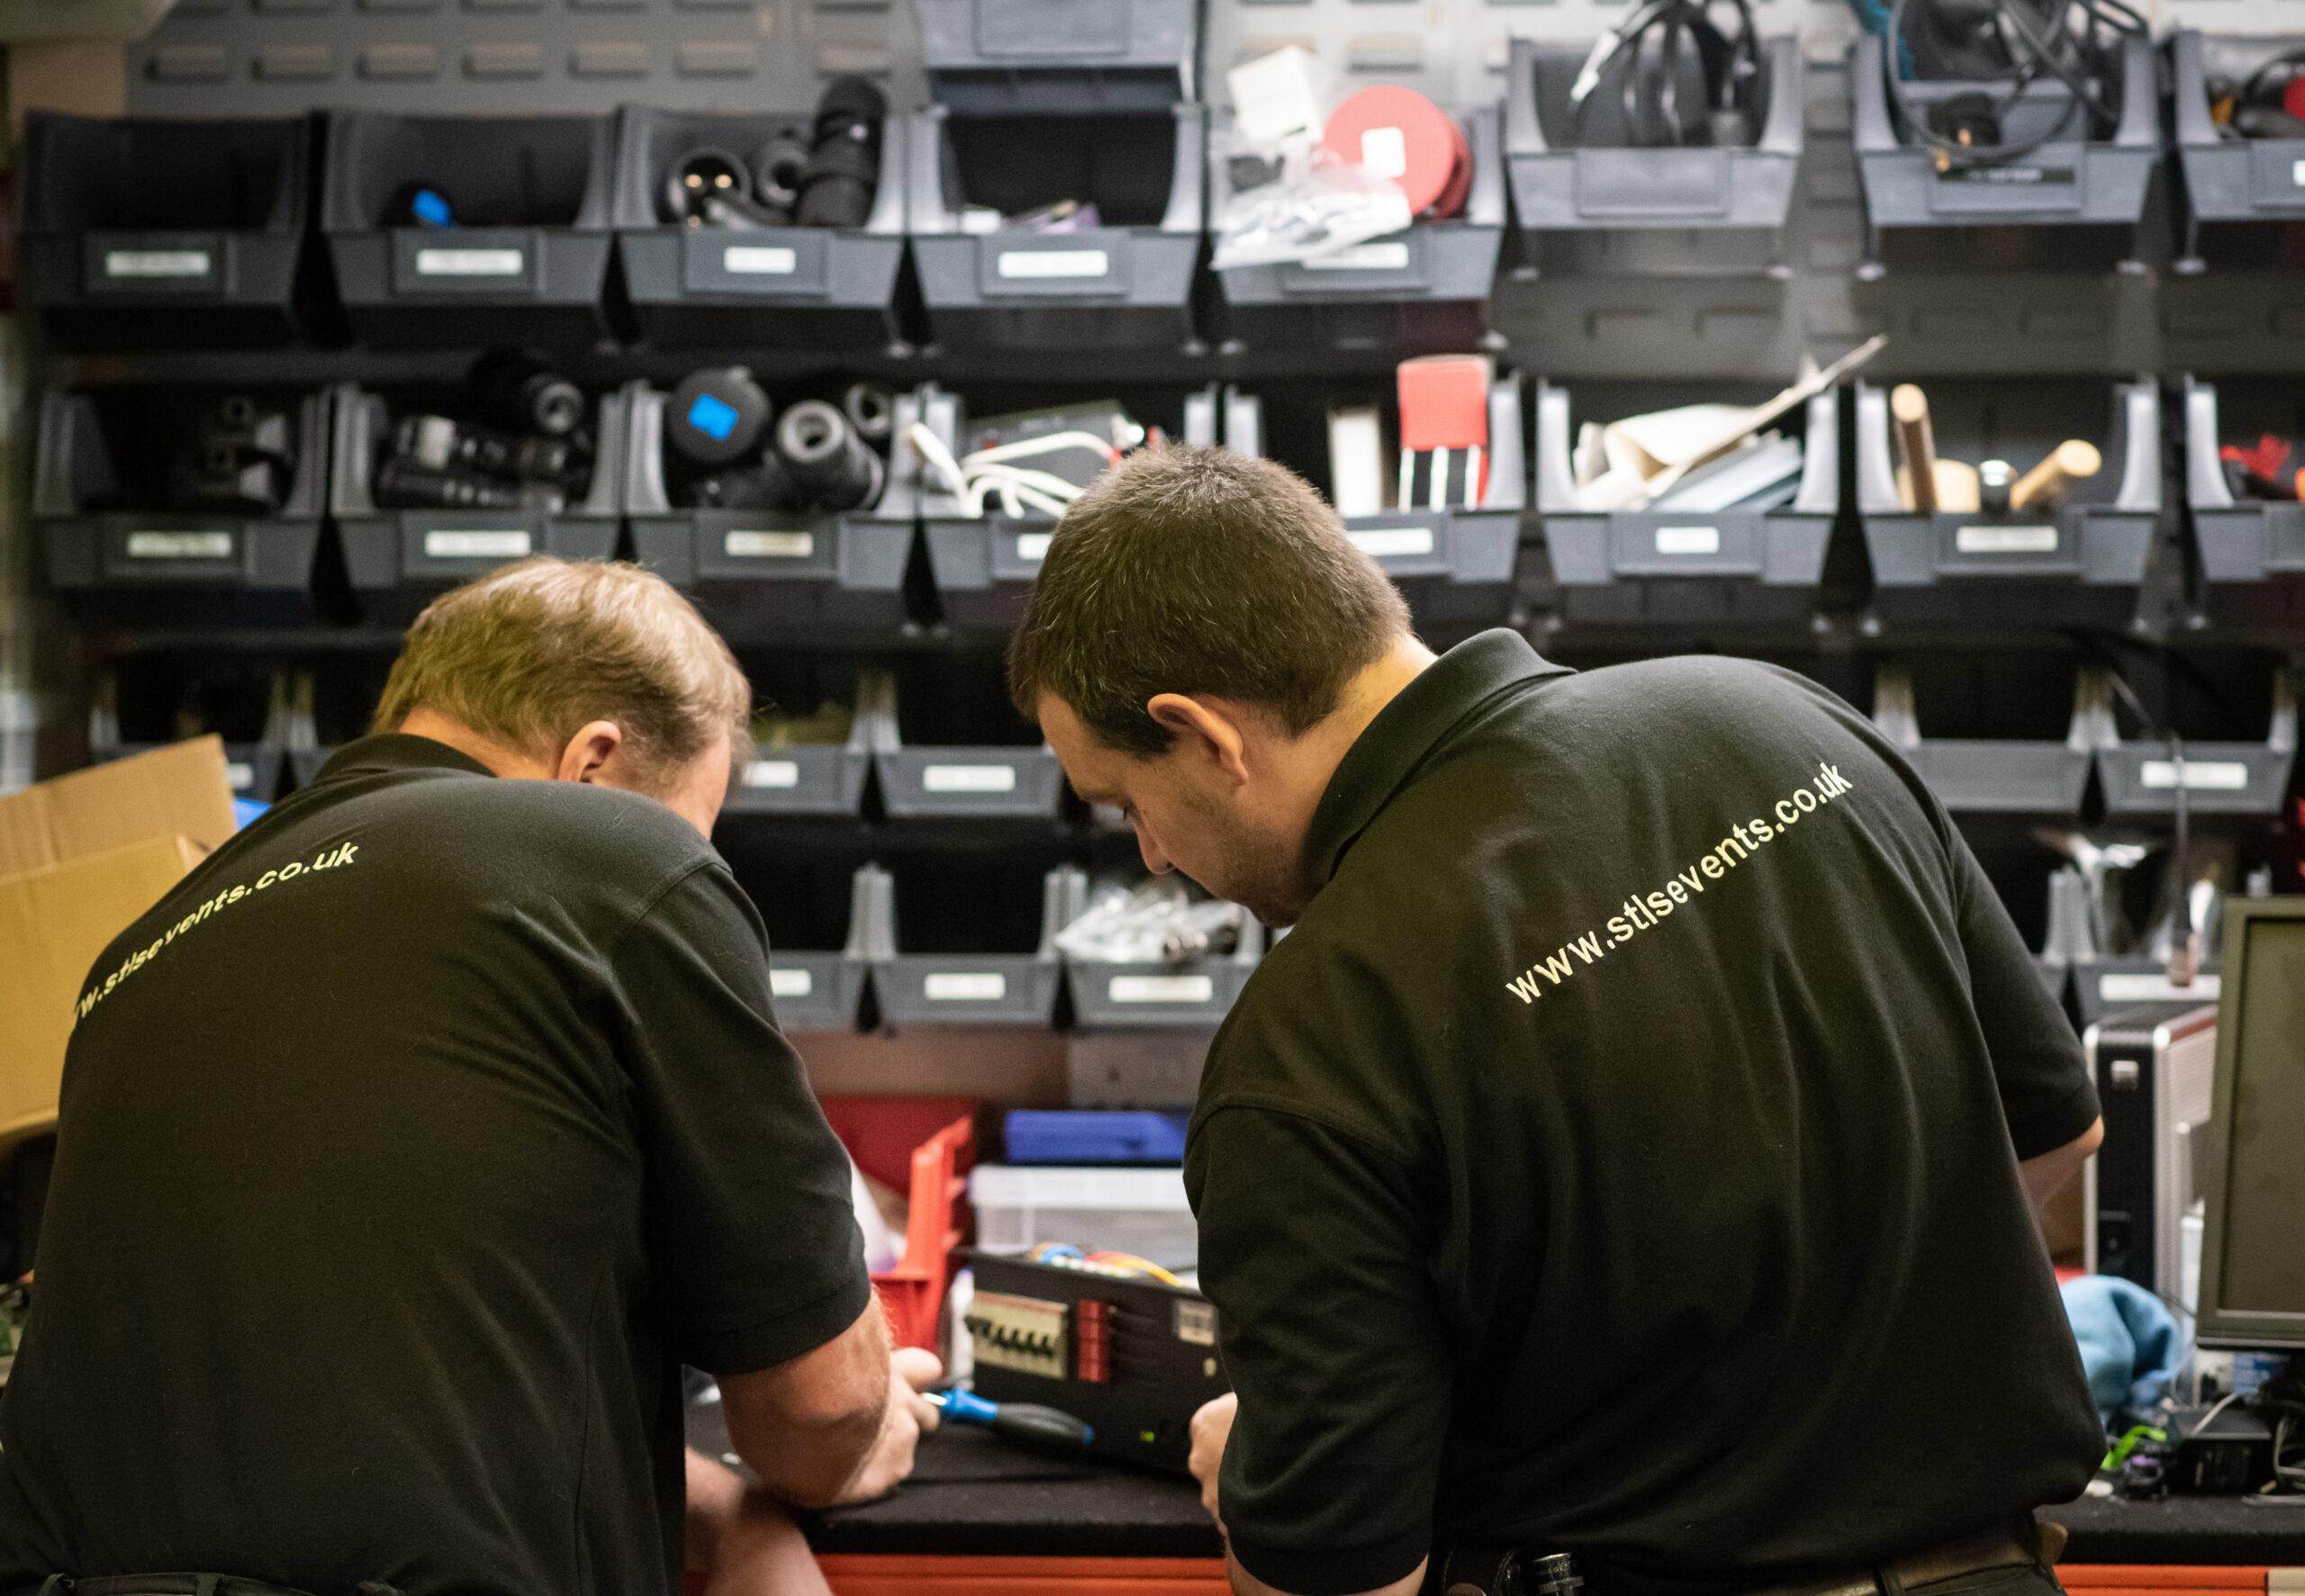 Sound equipment repair